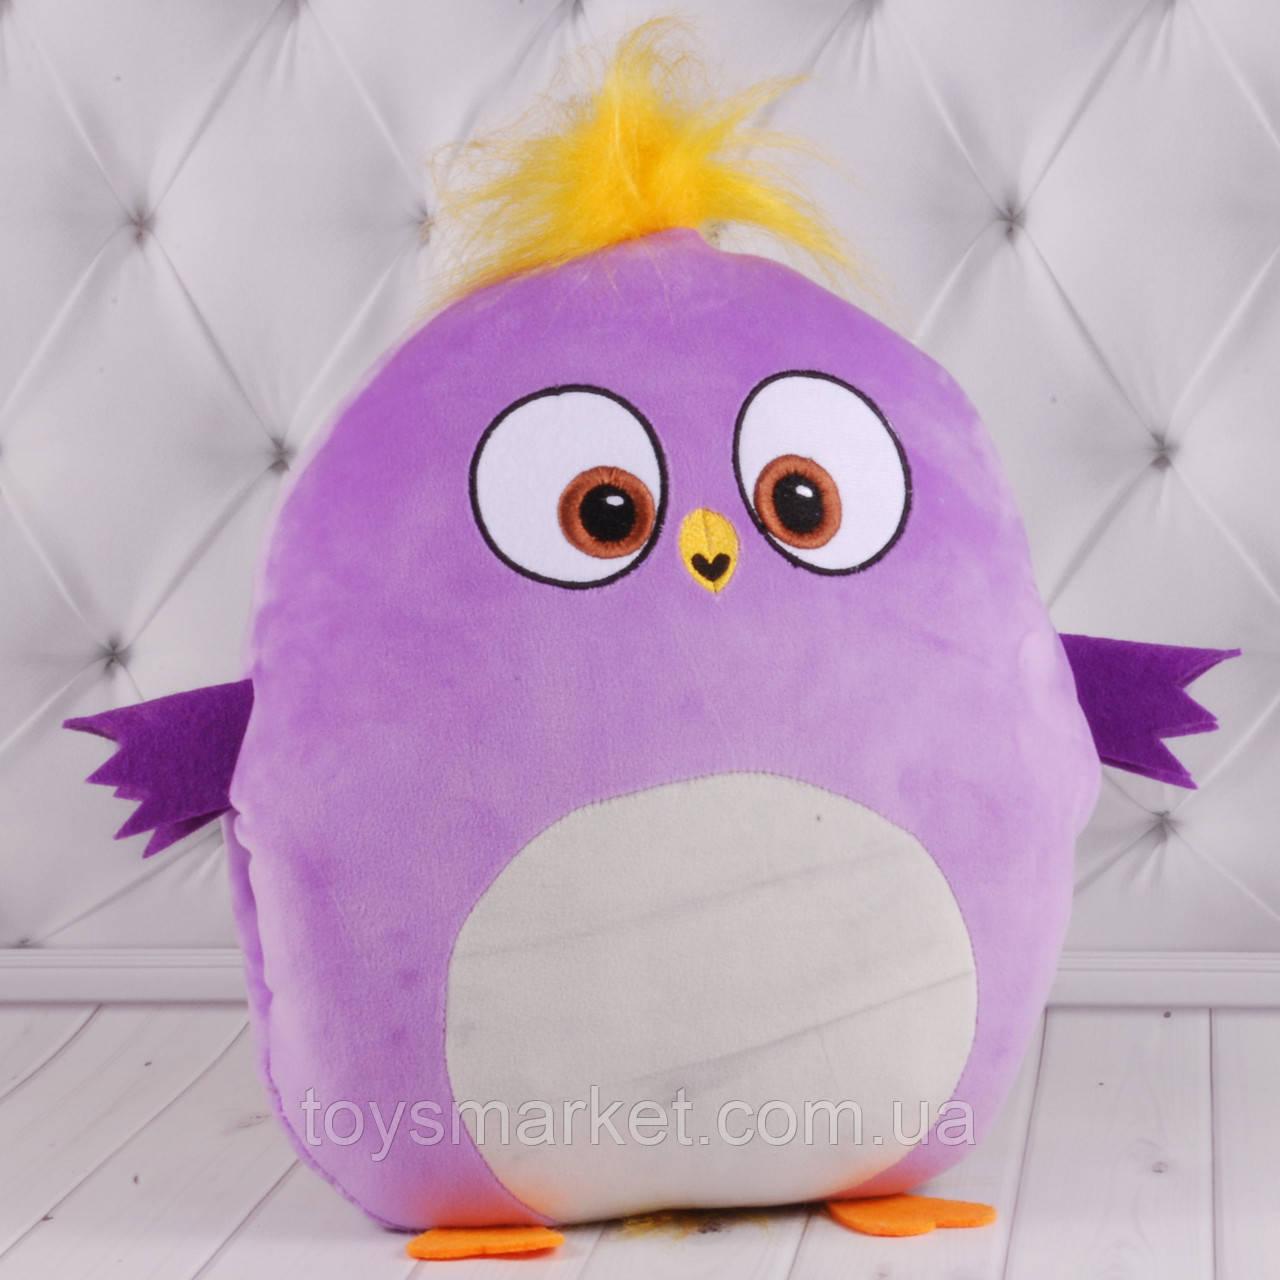 """Детская подушка-муфта """"Angry Birds 1"""", плюшевая подушка с птичками, подушка-муфта, """"Энгри Бердс"""""""